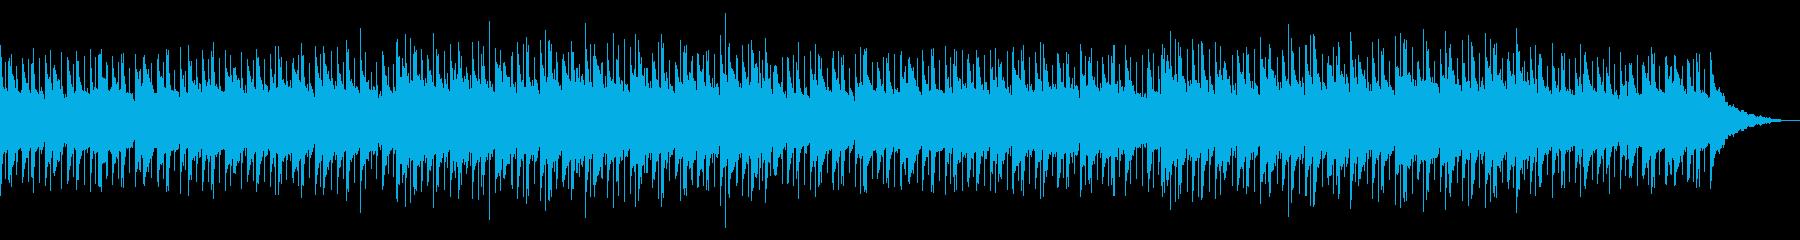 穏やかで綺麗なピアノアコースティックの再生済みの波形